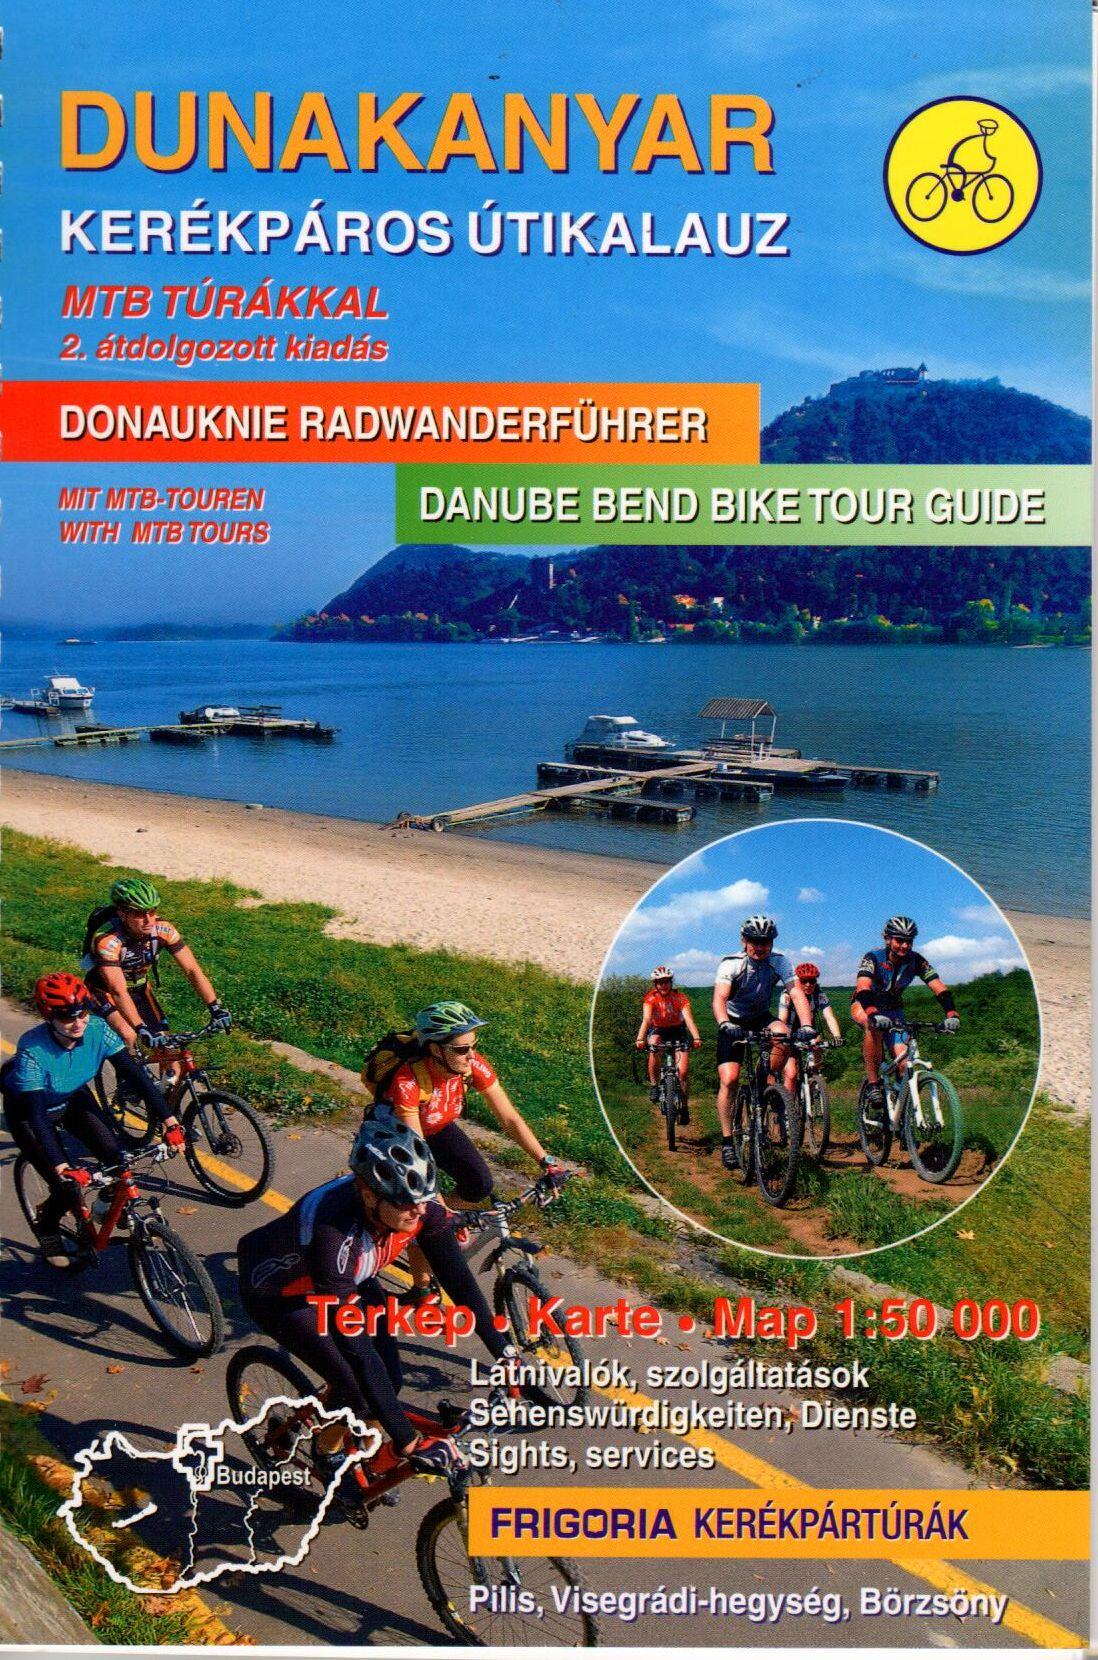 Pilis, Börzsöny, Visegrádi-hegység, Budai-hegység, Szentendrei-sziget, Naszály biciklis túrakalauz térképekkel, útvonaljavaslatokkal